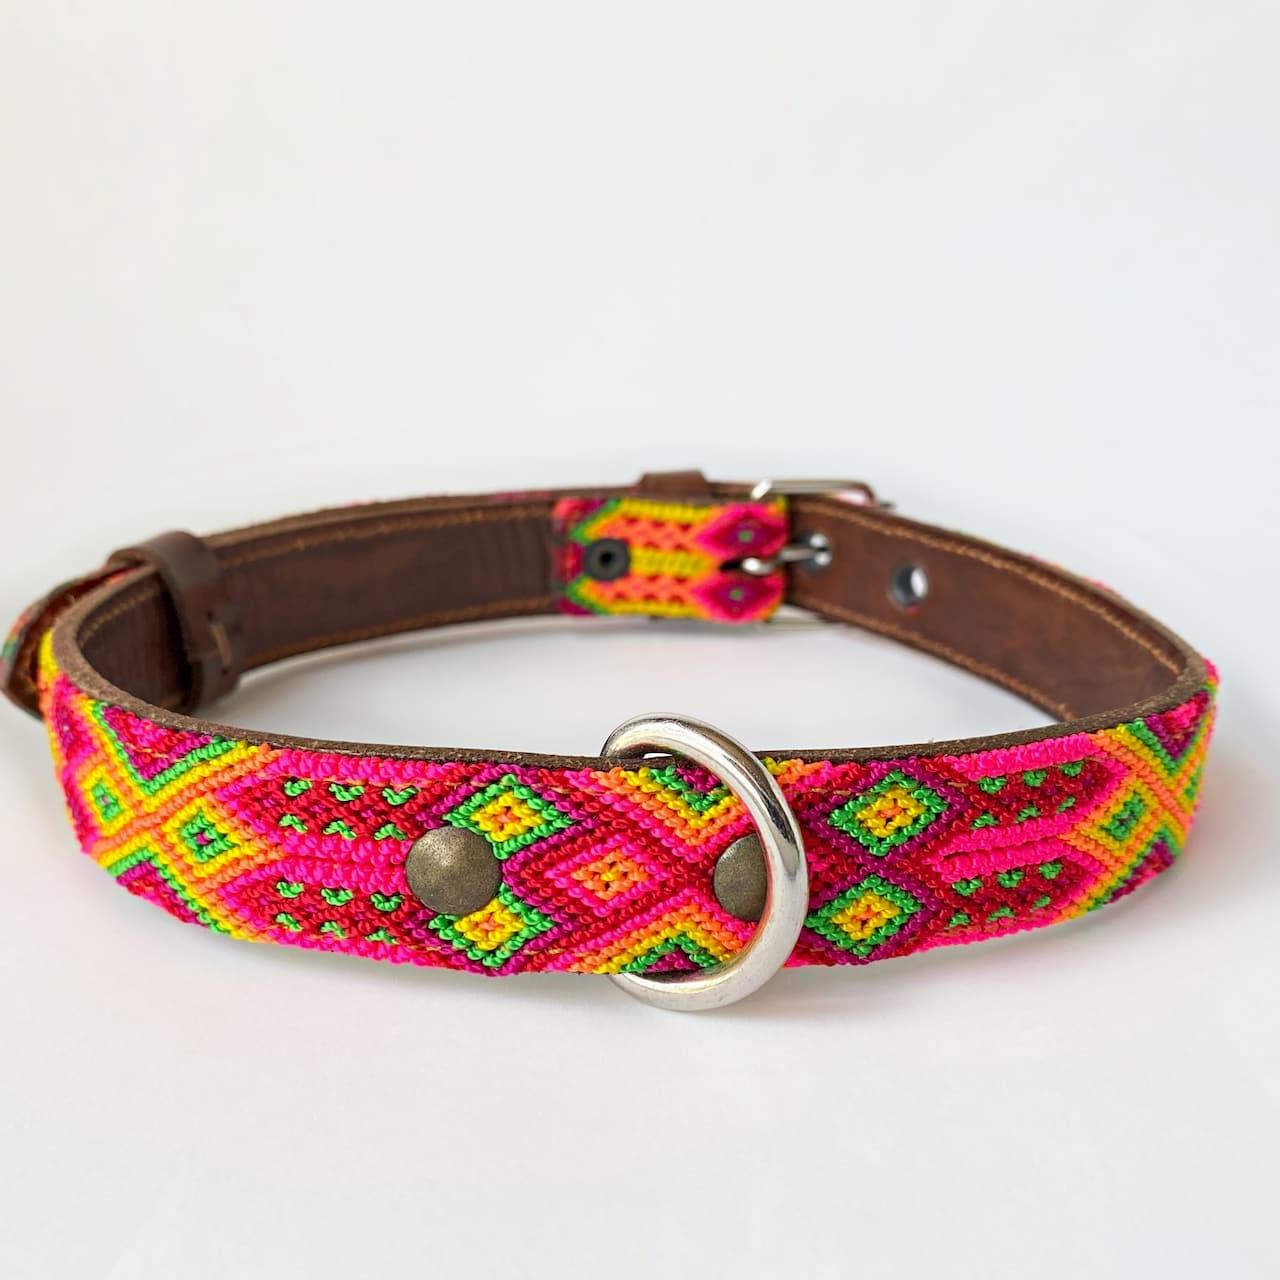 犬の首輪 -サイズL- [ジューシーフルーツ]